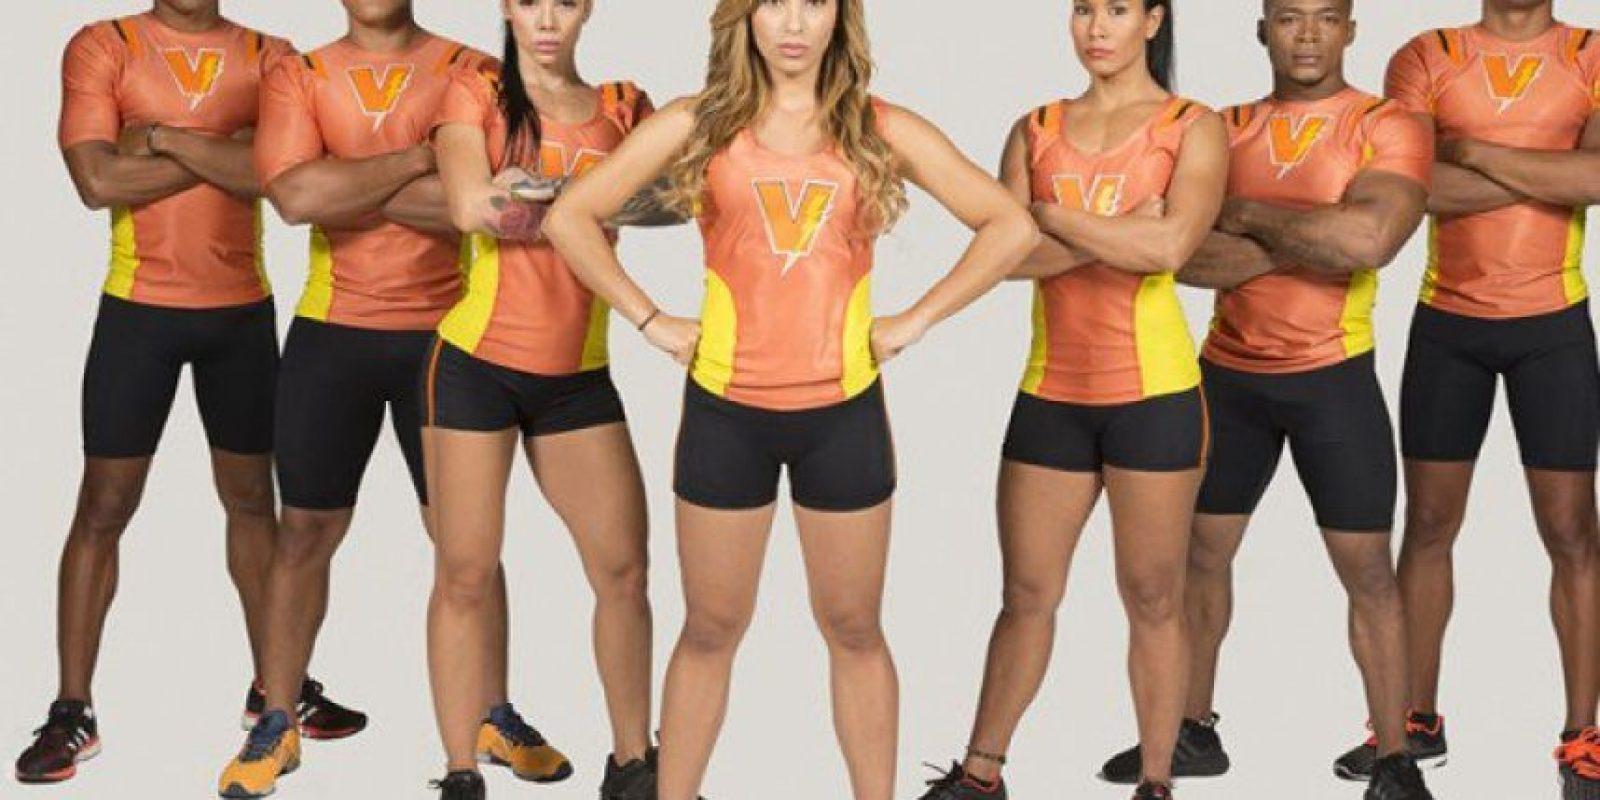 Equipo naranja: Vallecaucanos Foto:Cortesía Prensa Caracol Televisión